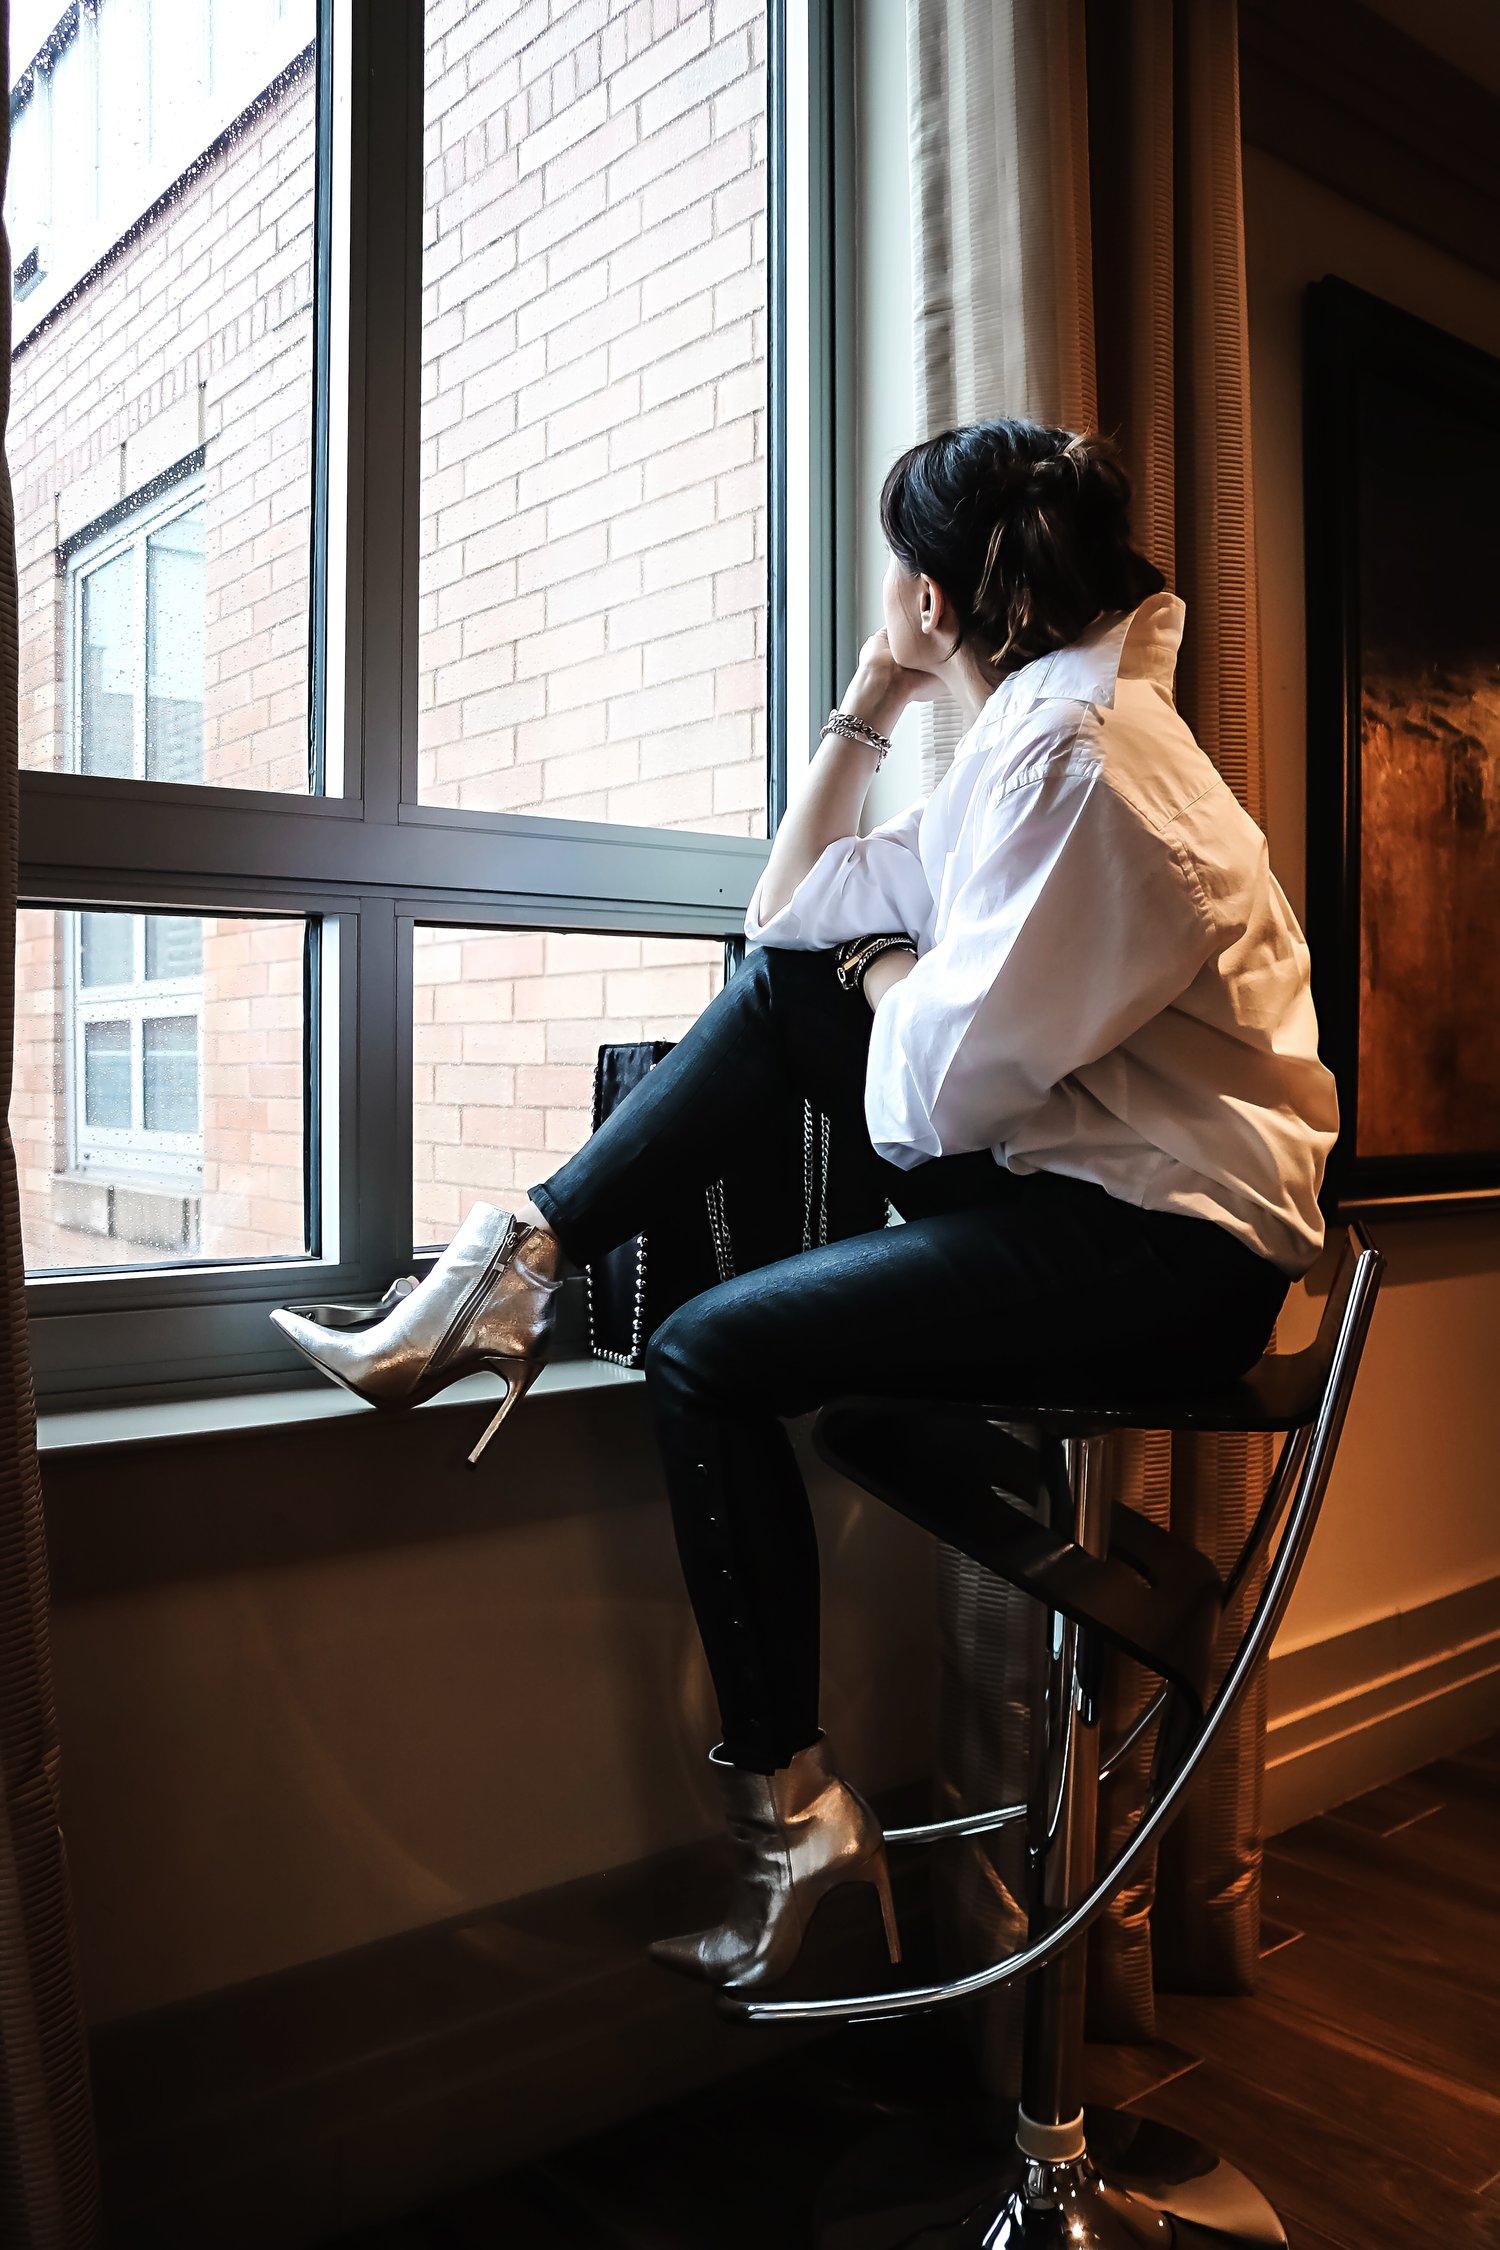 Date-night-white-shirt-coated-denim-window